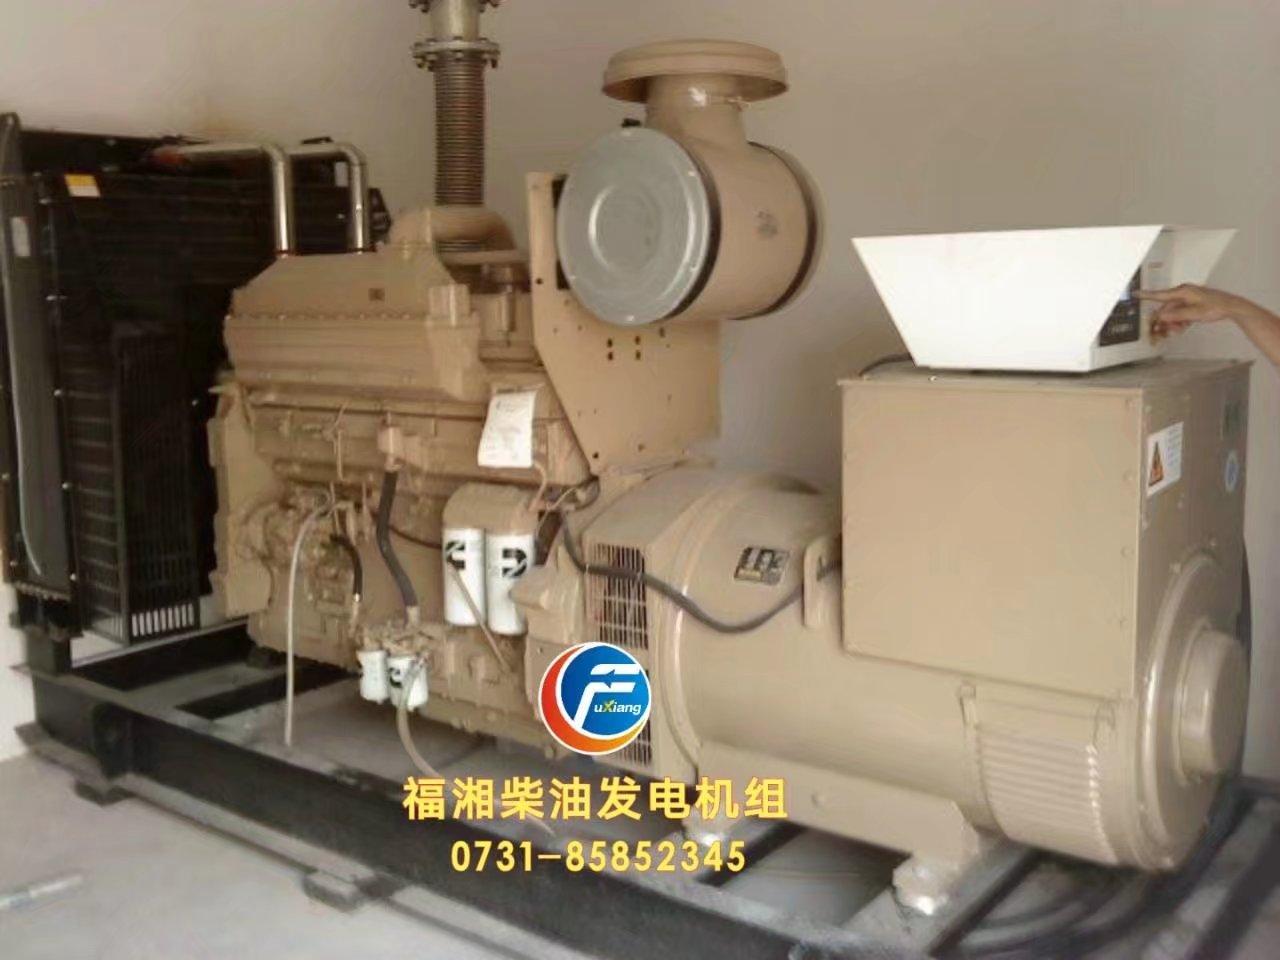 长沙湖南柴油发电机组厂家直销 供销湖南潍柴动力柴油发电机组